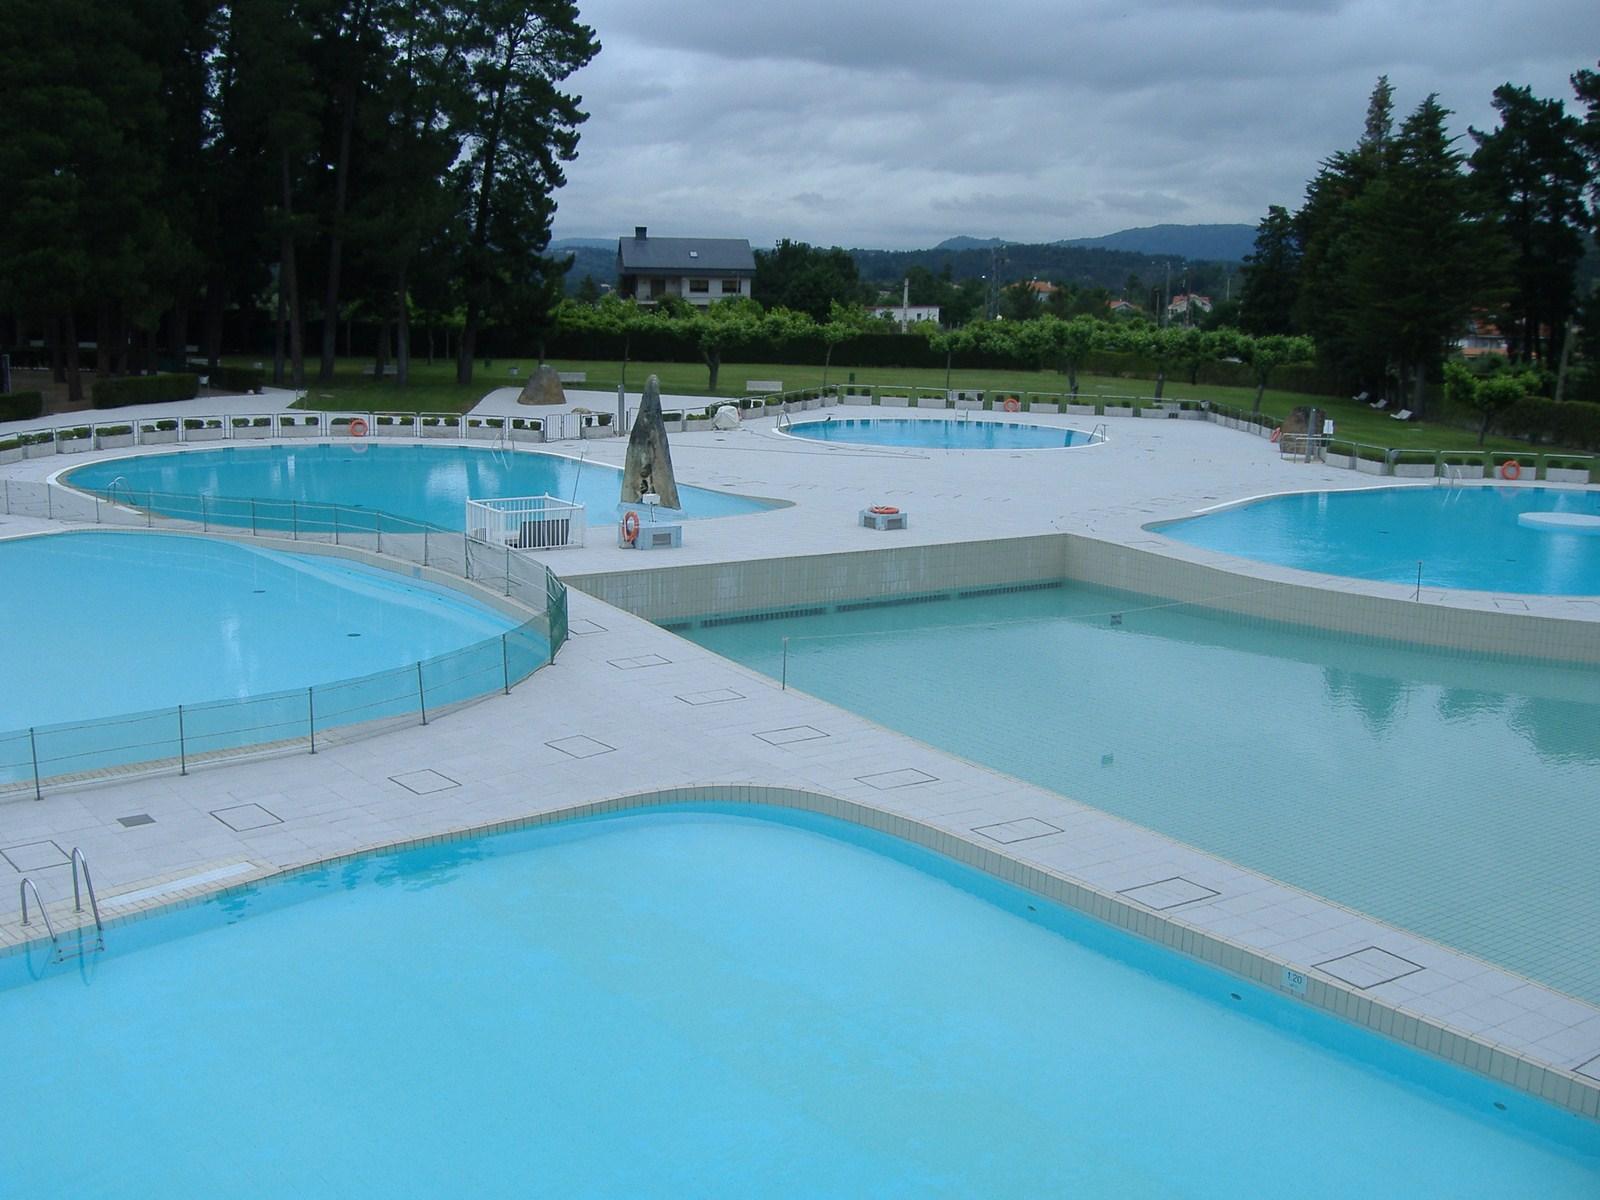 Las piscinas del complejo deportivo de monterrei se for Piscinas en carrefour 2017